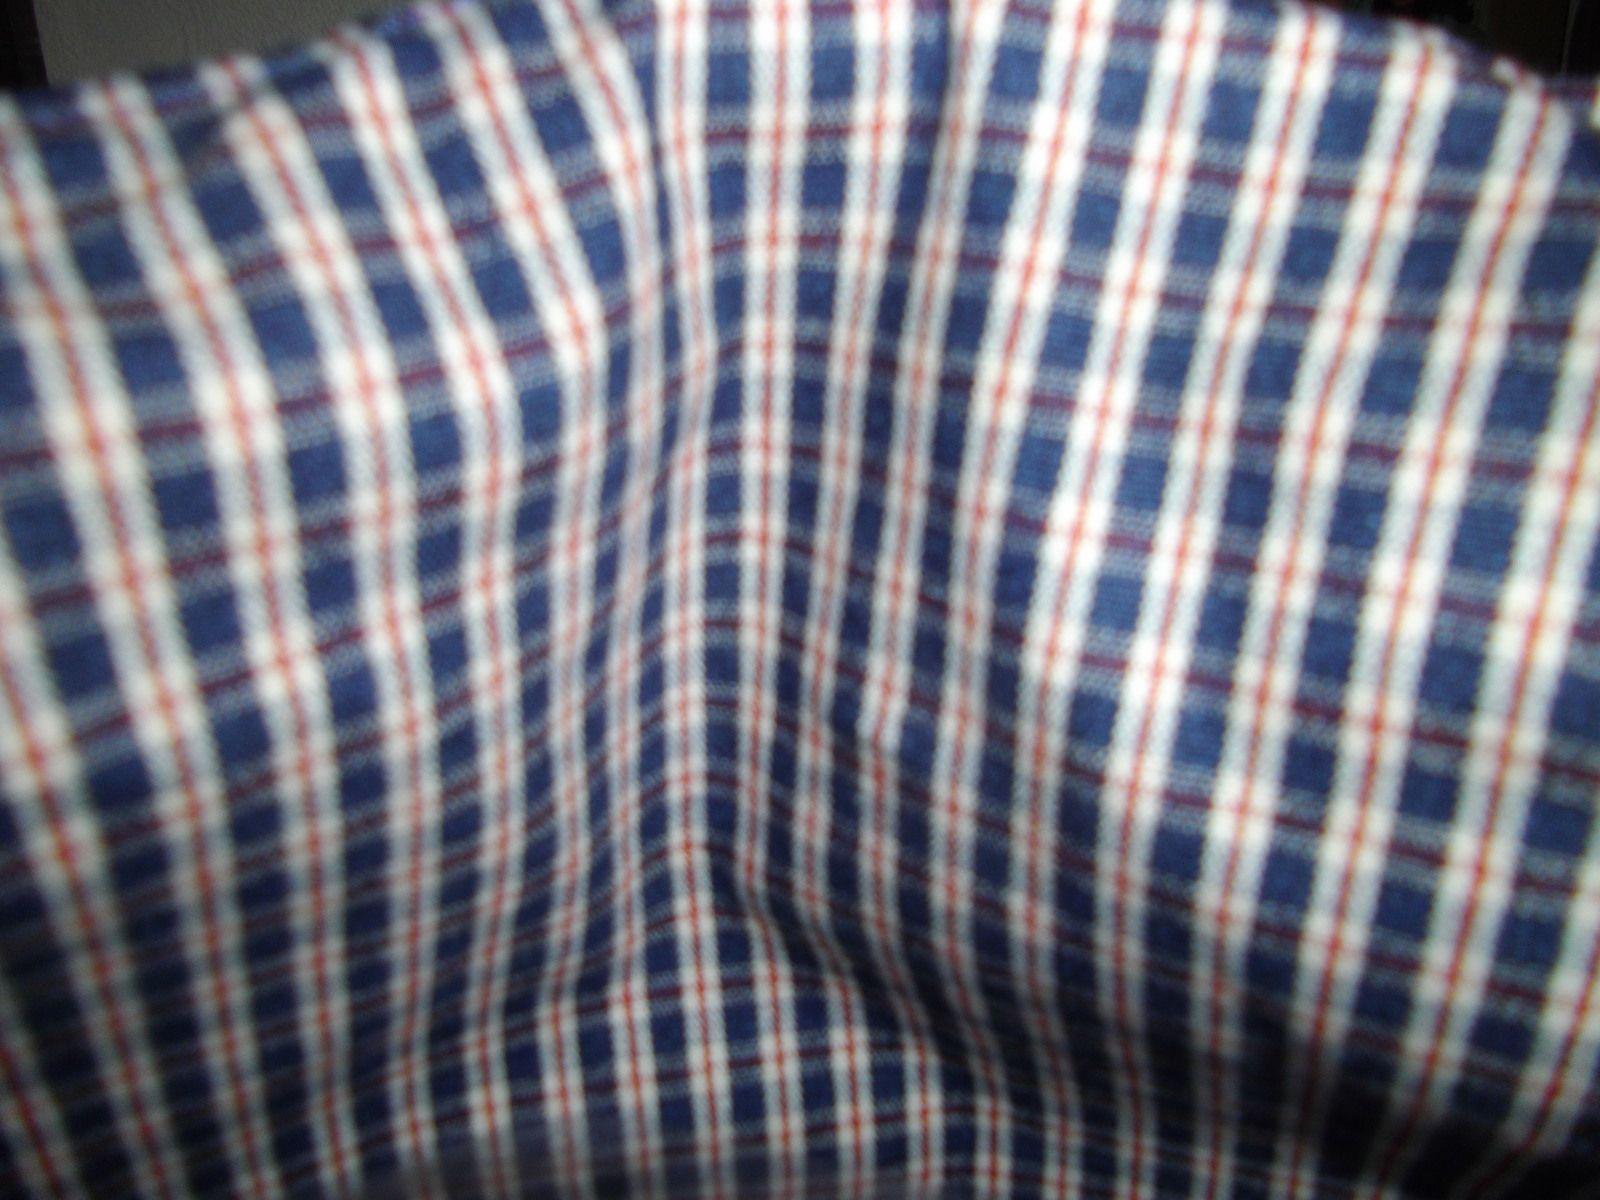 le royal canin 40 sur 40 simili cuir bleu empiècement tissu sur simili cuir bleu entièrement doublé avec poche fermeture magnétique masque coordonné offert